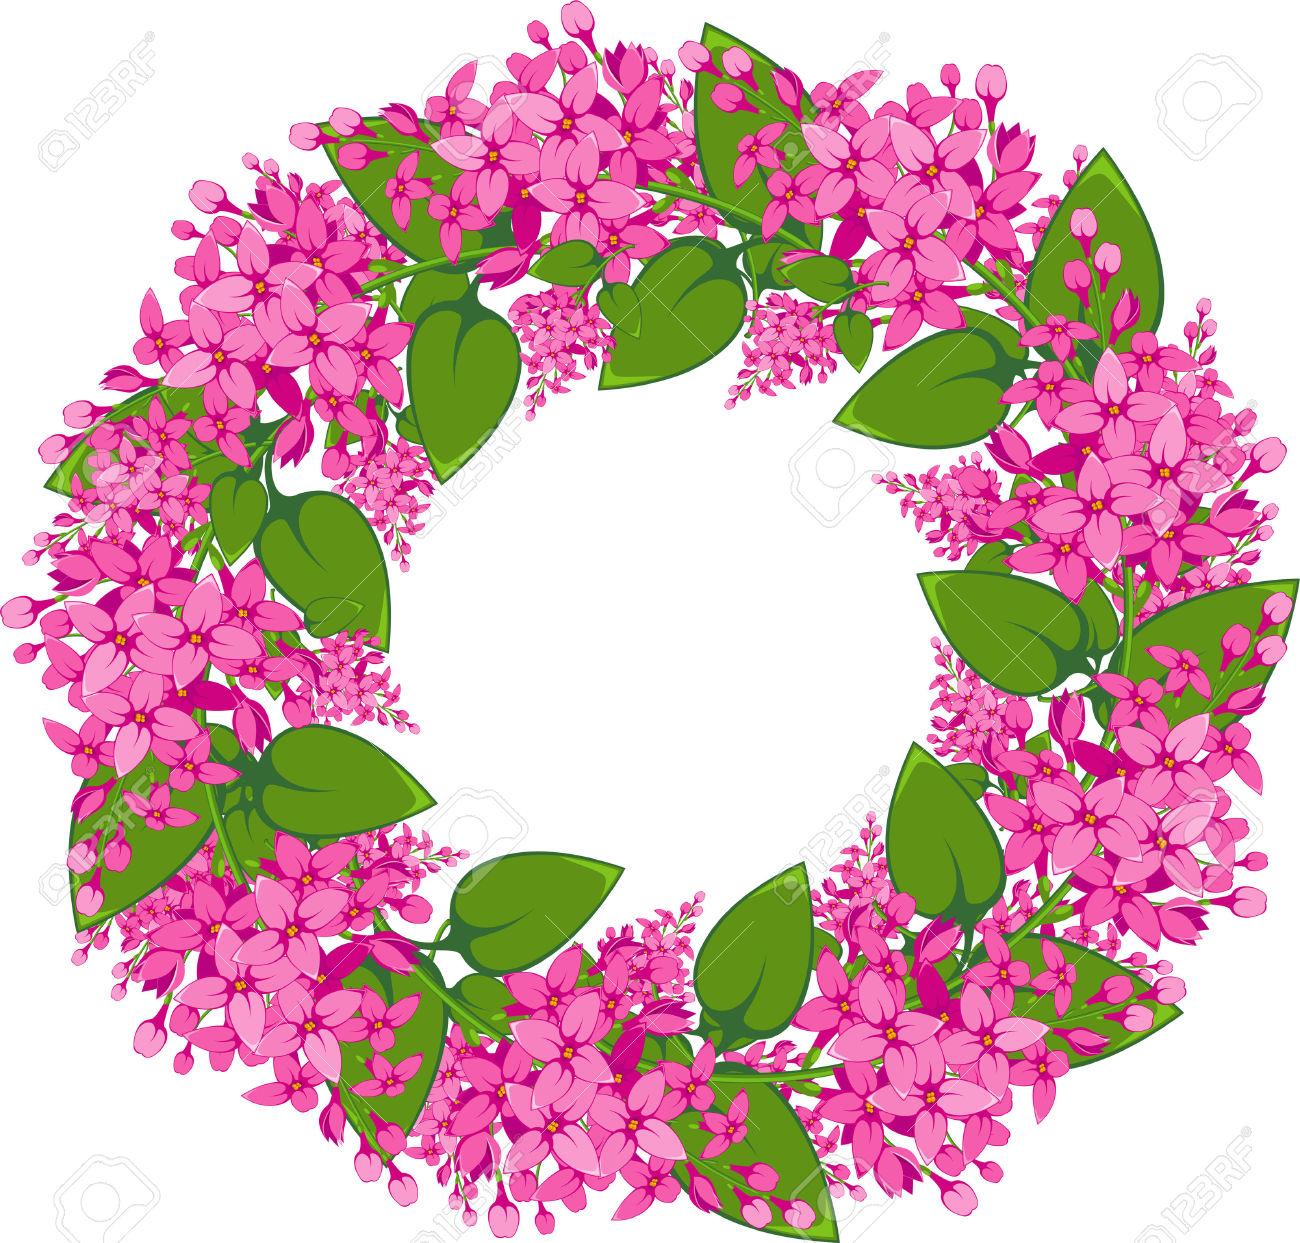 Wreath clipart spring wreath Clipart clipart wreath background flower